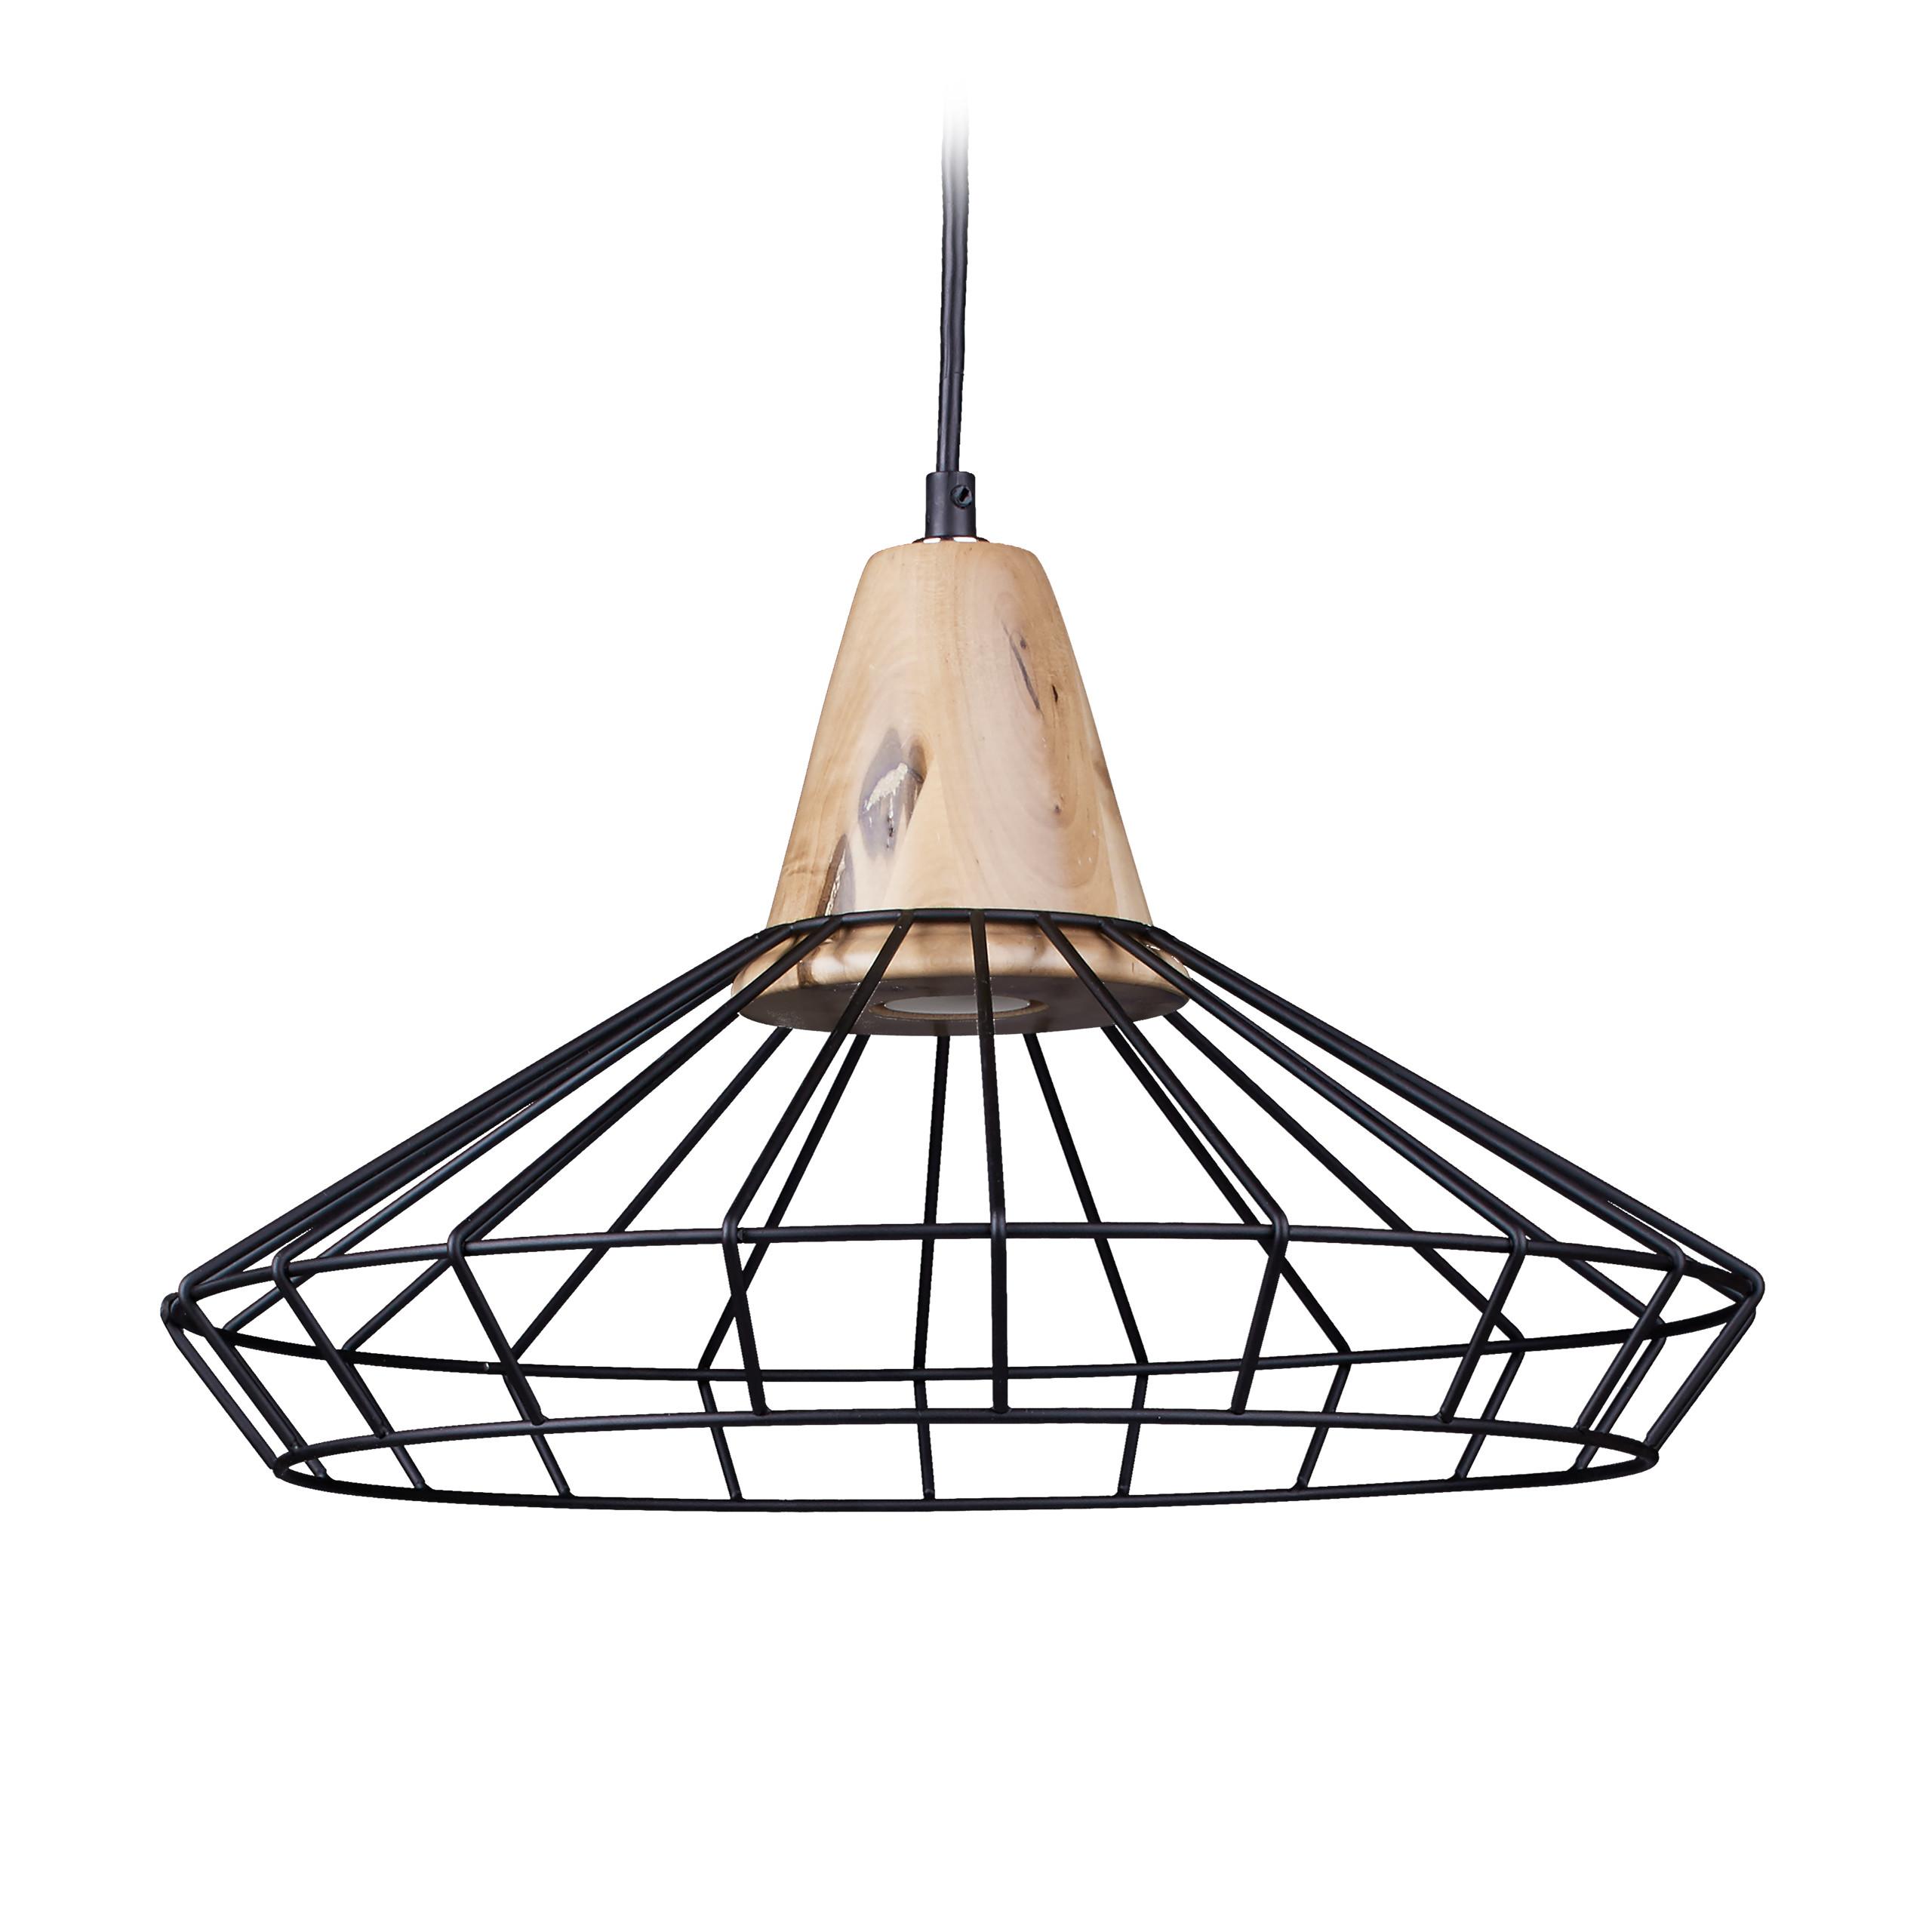 Design Pendelleuchte retro Metall und Holz Hängeleuchte E27 groß Deckenlampe